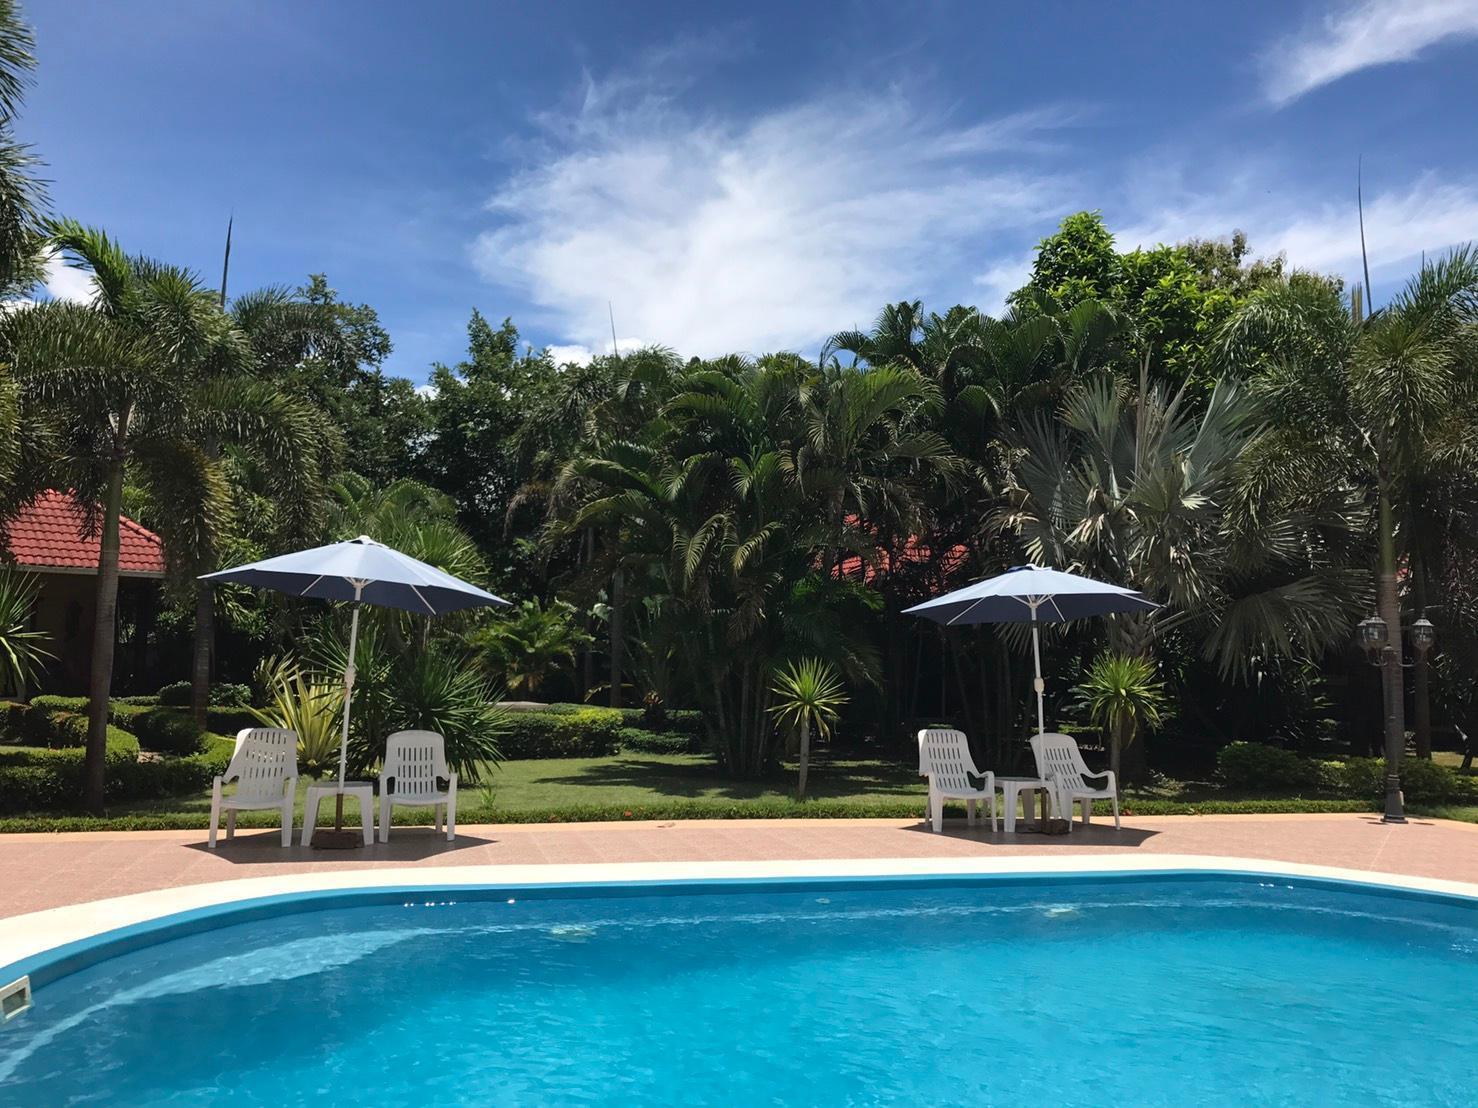 Areeya Resort Kanchanaburi อารียา รีสอร์ต กาญจนบุรี